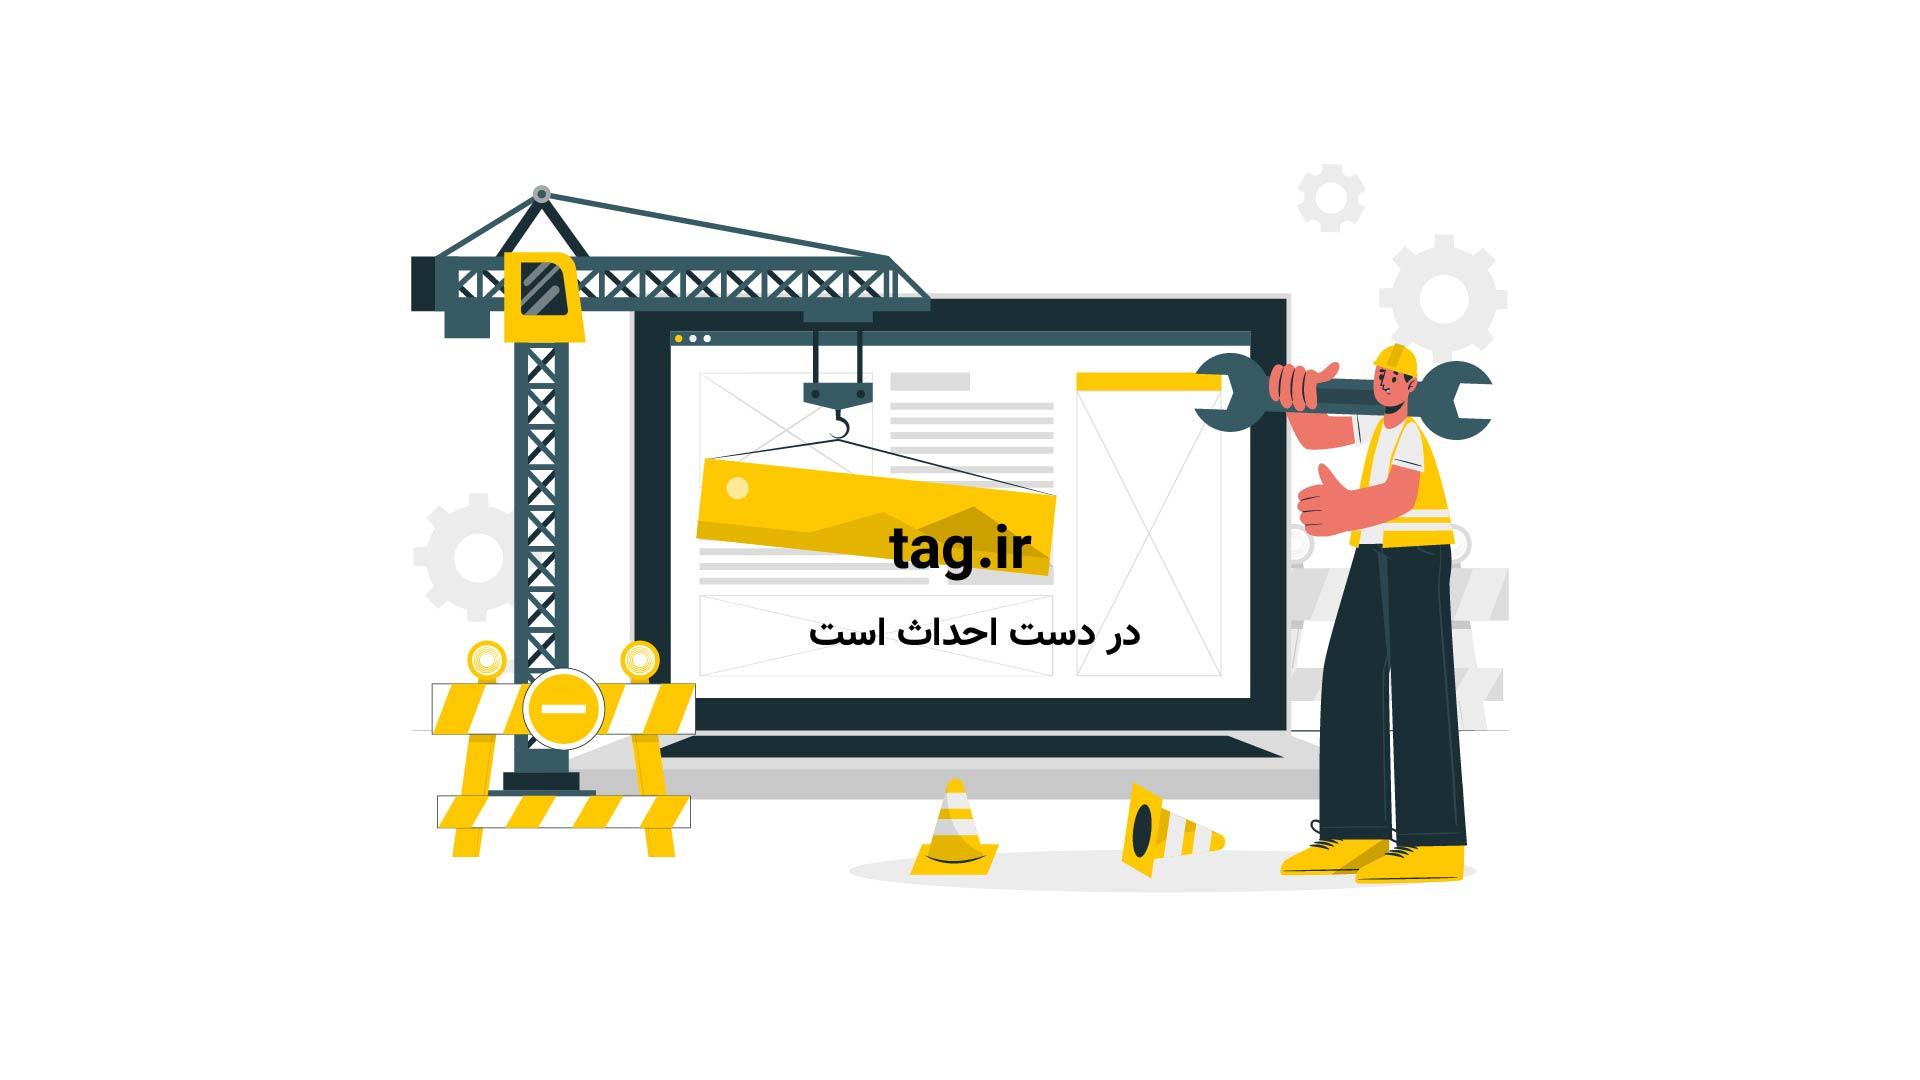 عناوین روزنامههای اقتصادی شنبه 7 مرداد | فیلم